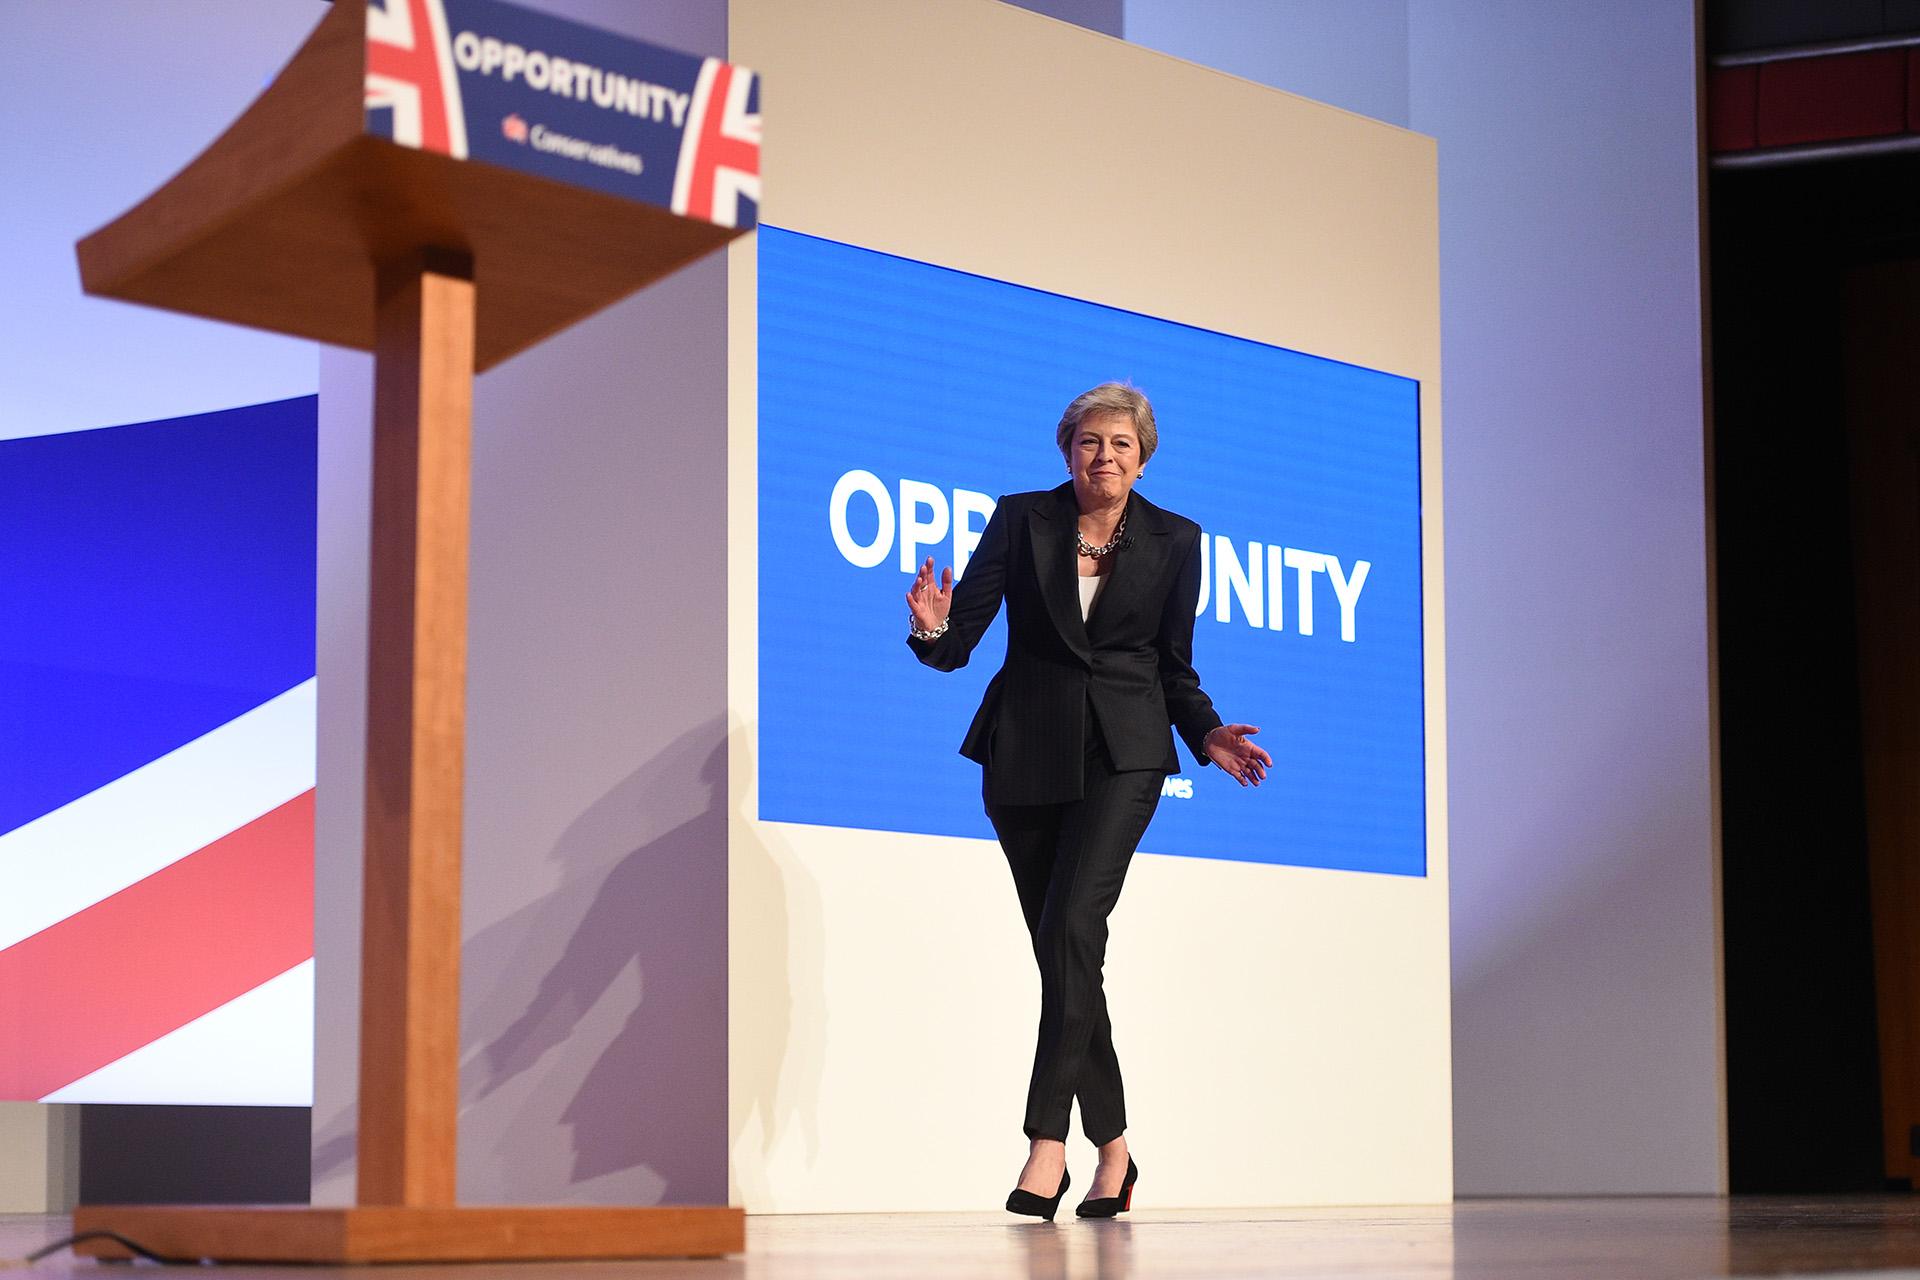 La primera ministra Theresa May ingresa bailando al cierre de la Conferencia del Partido Conservador del Reino Unido el 3 de octubre (Oli SCARFF / AFP)